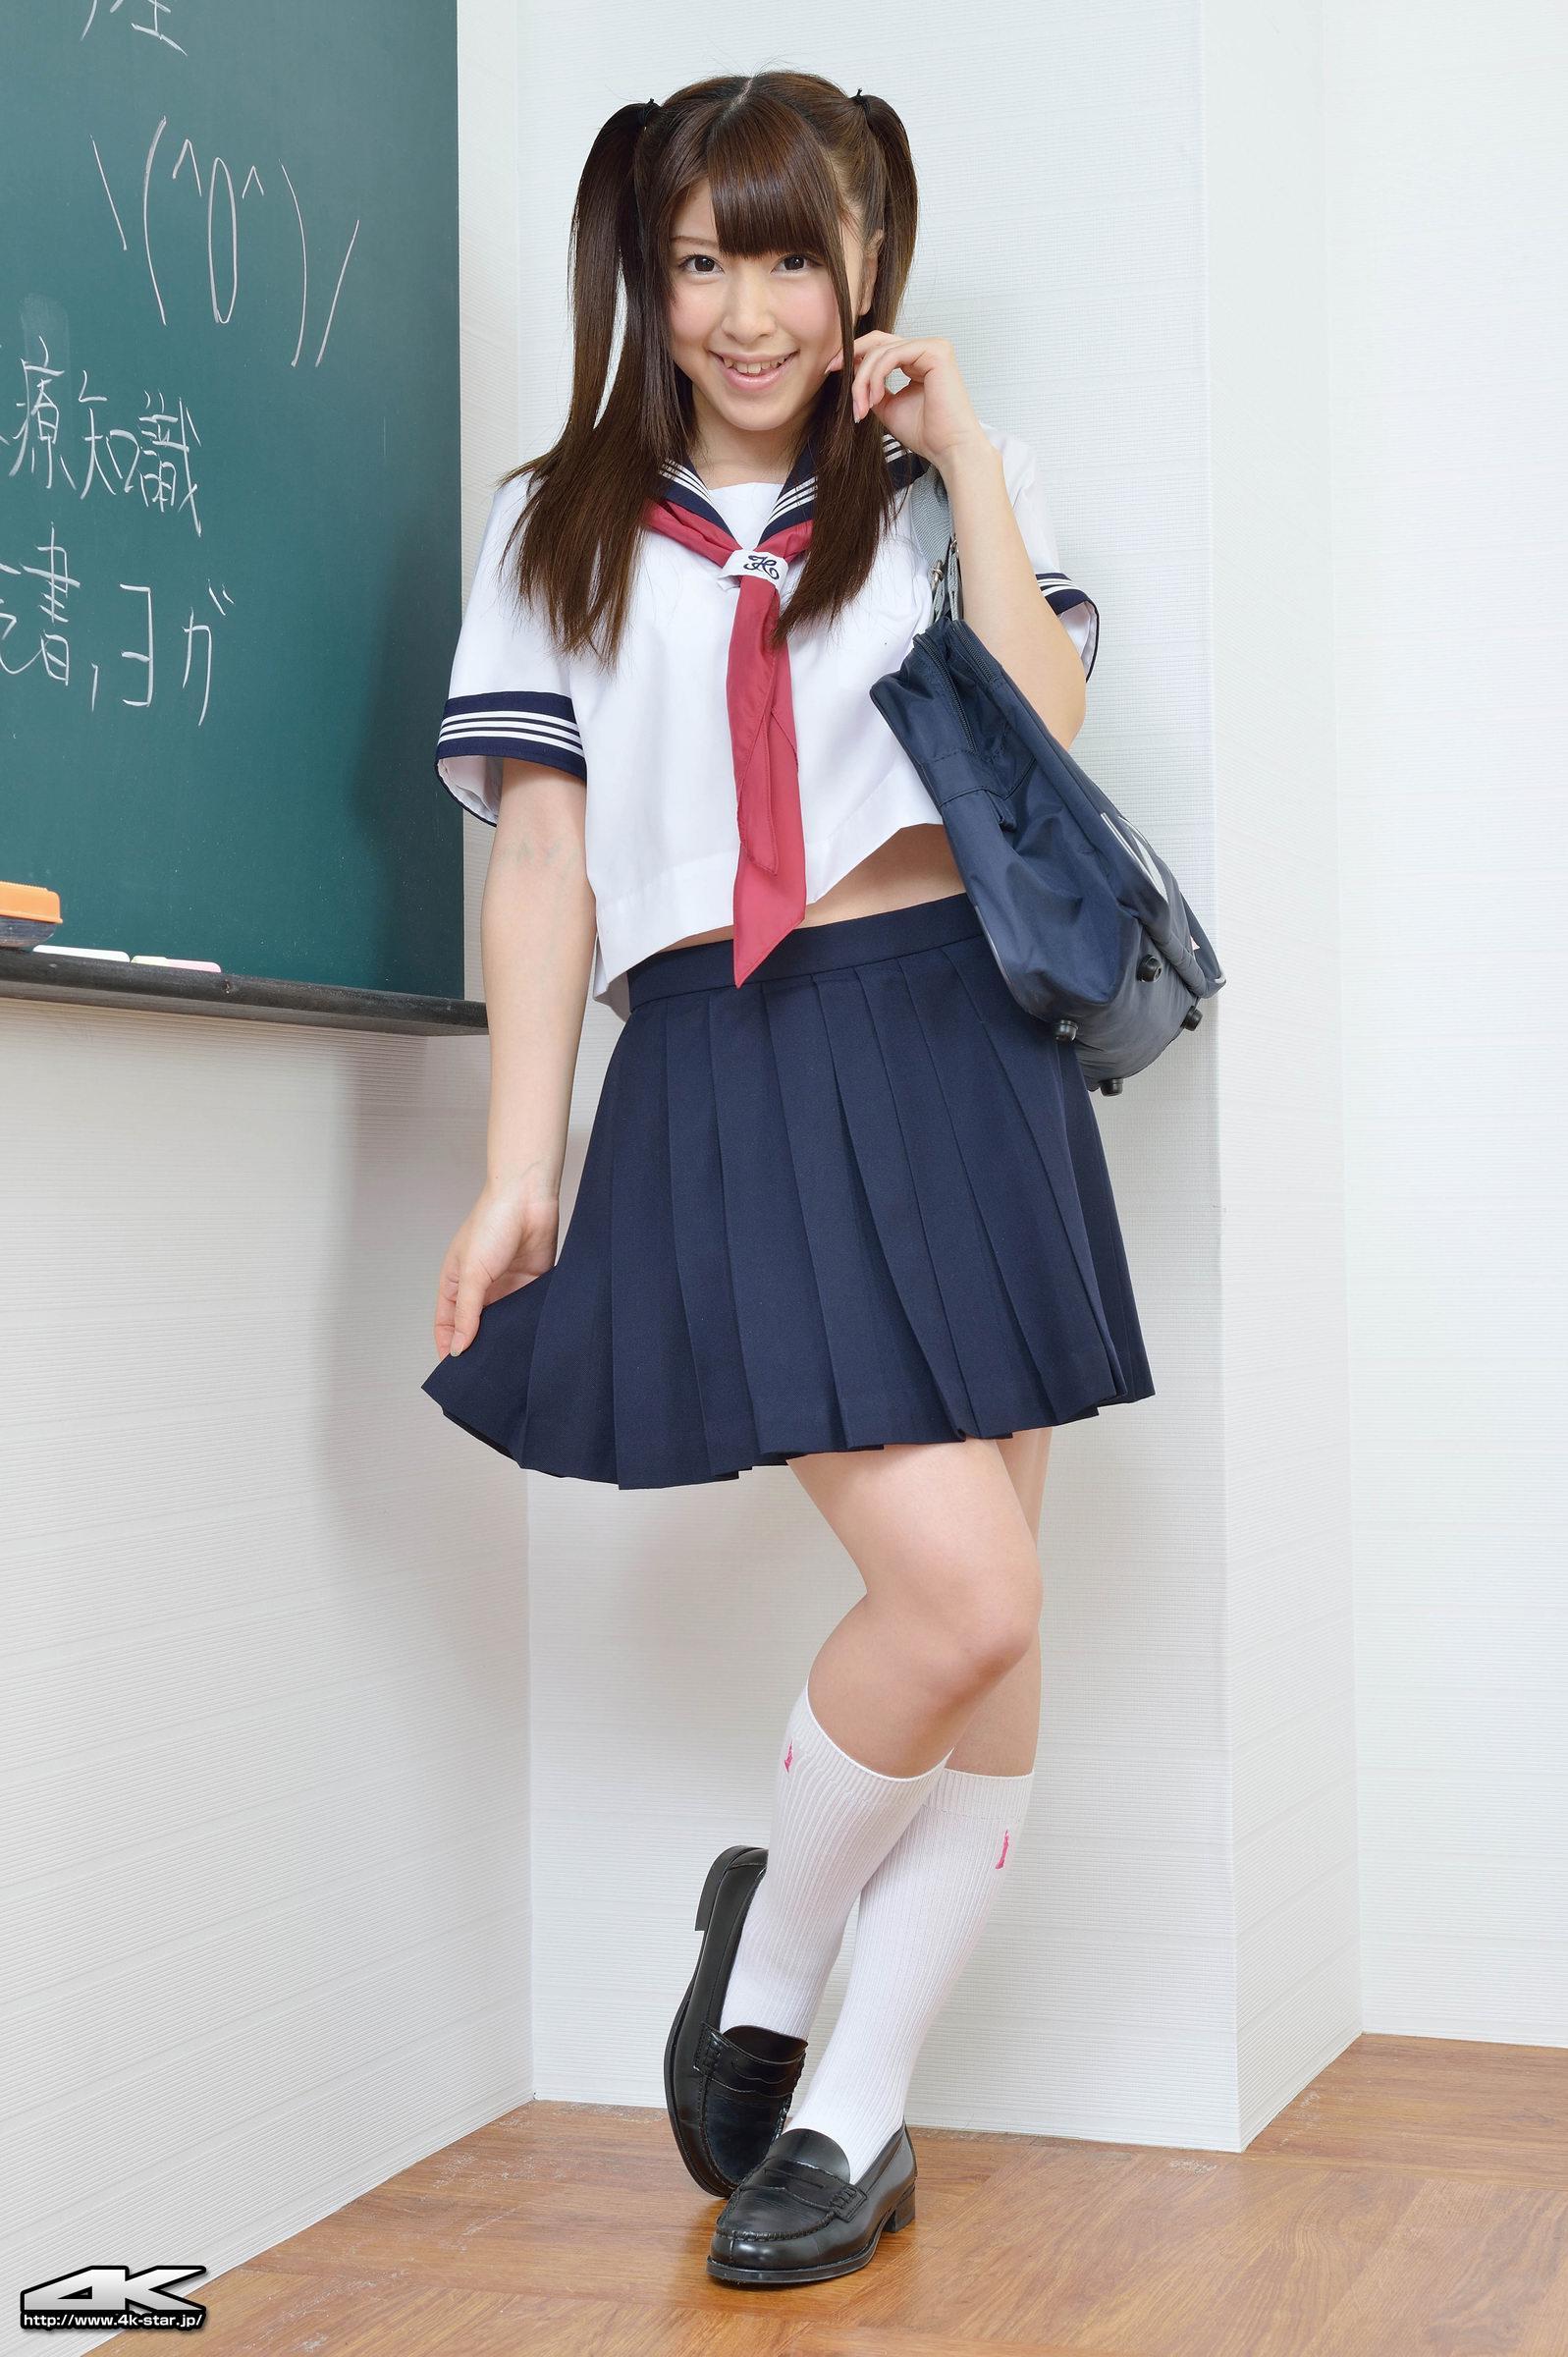 みひろのブレザーに白ハイソックスな制服画像   女子校生制服